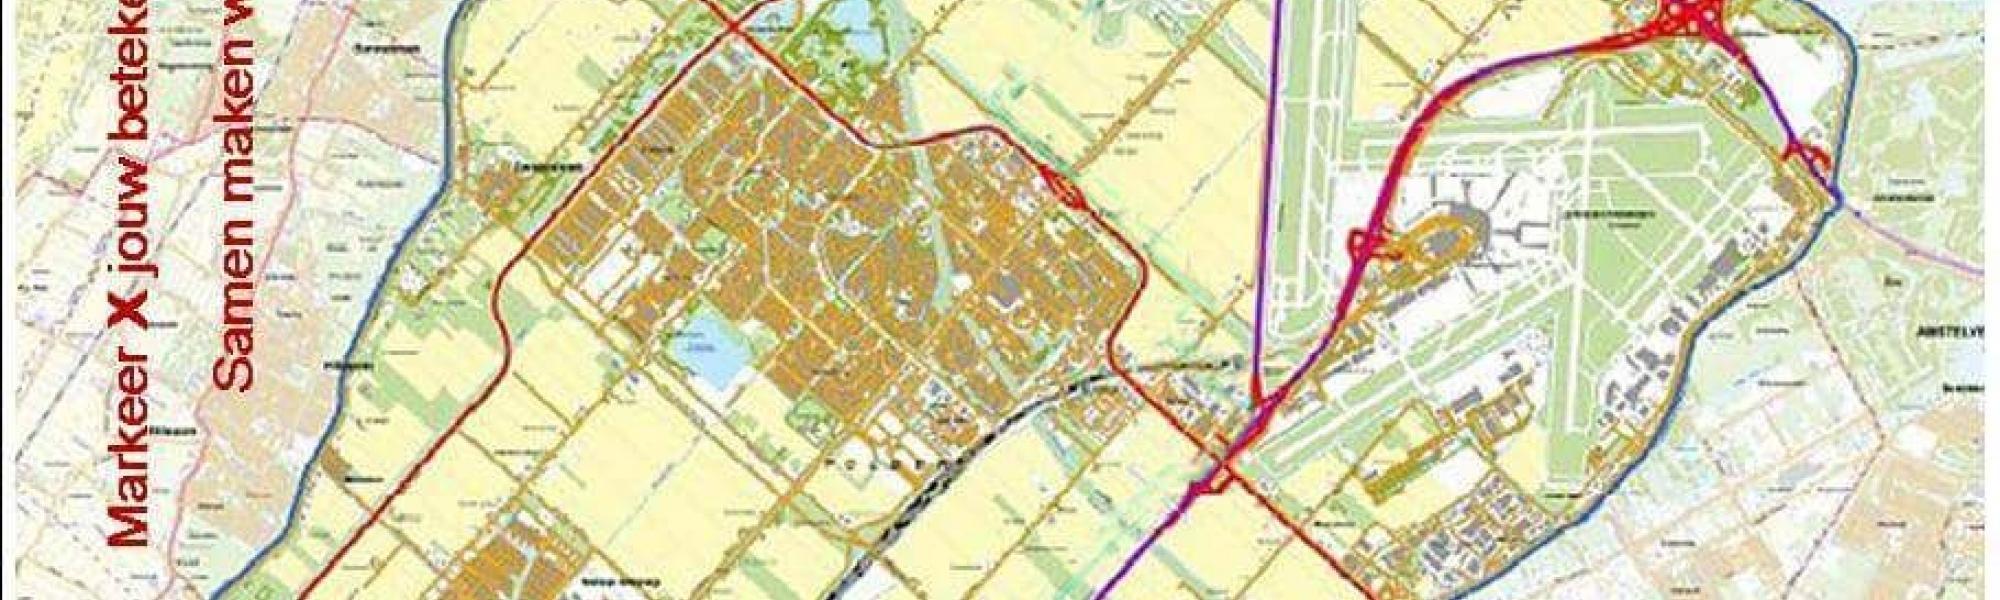 Plattegrond van Haarlemmermeer